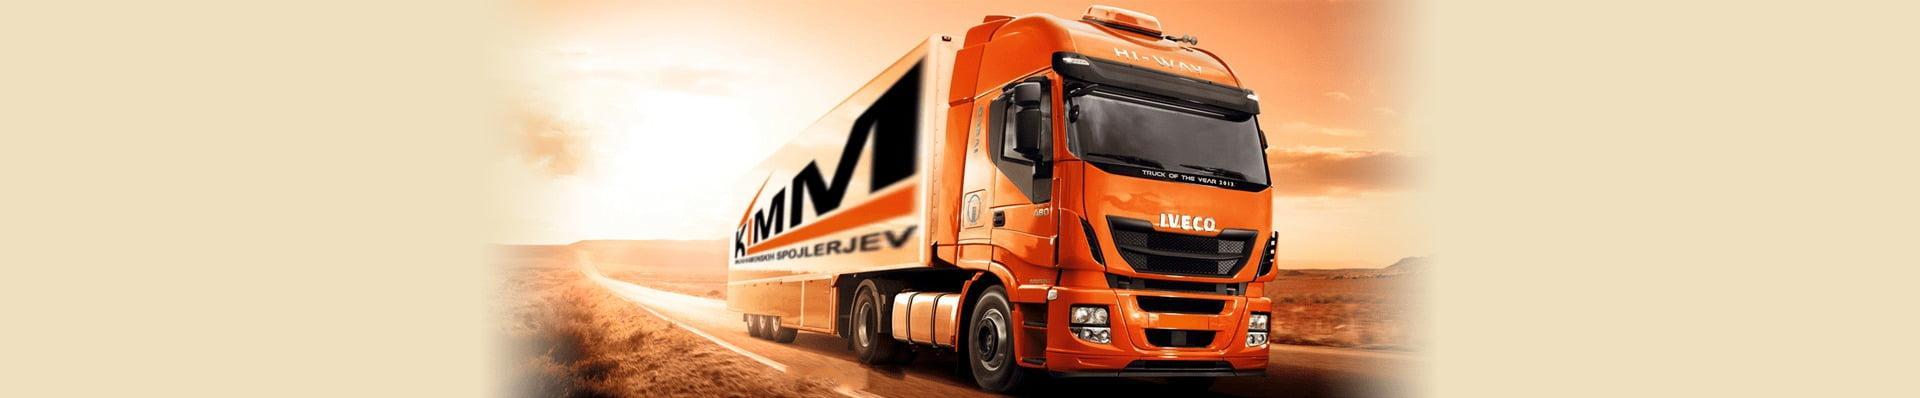 KIMM – izdelava kamionskih spojlerjev 001